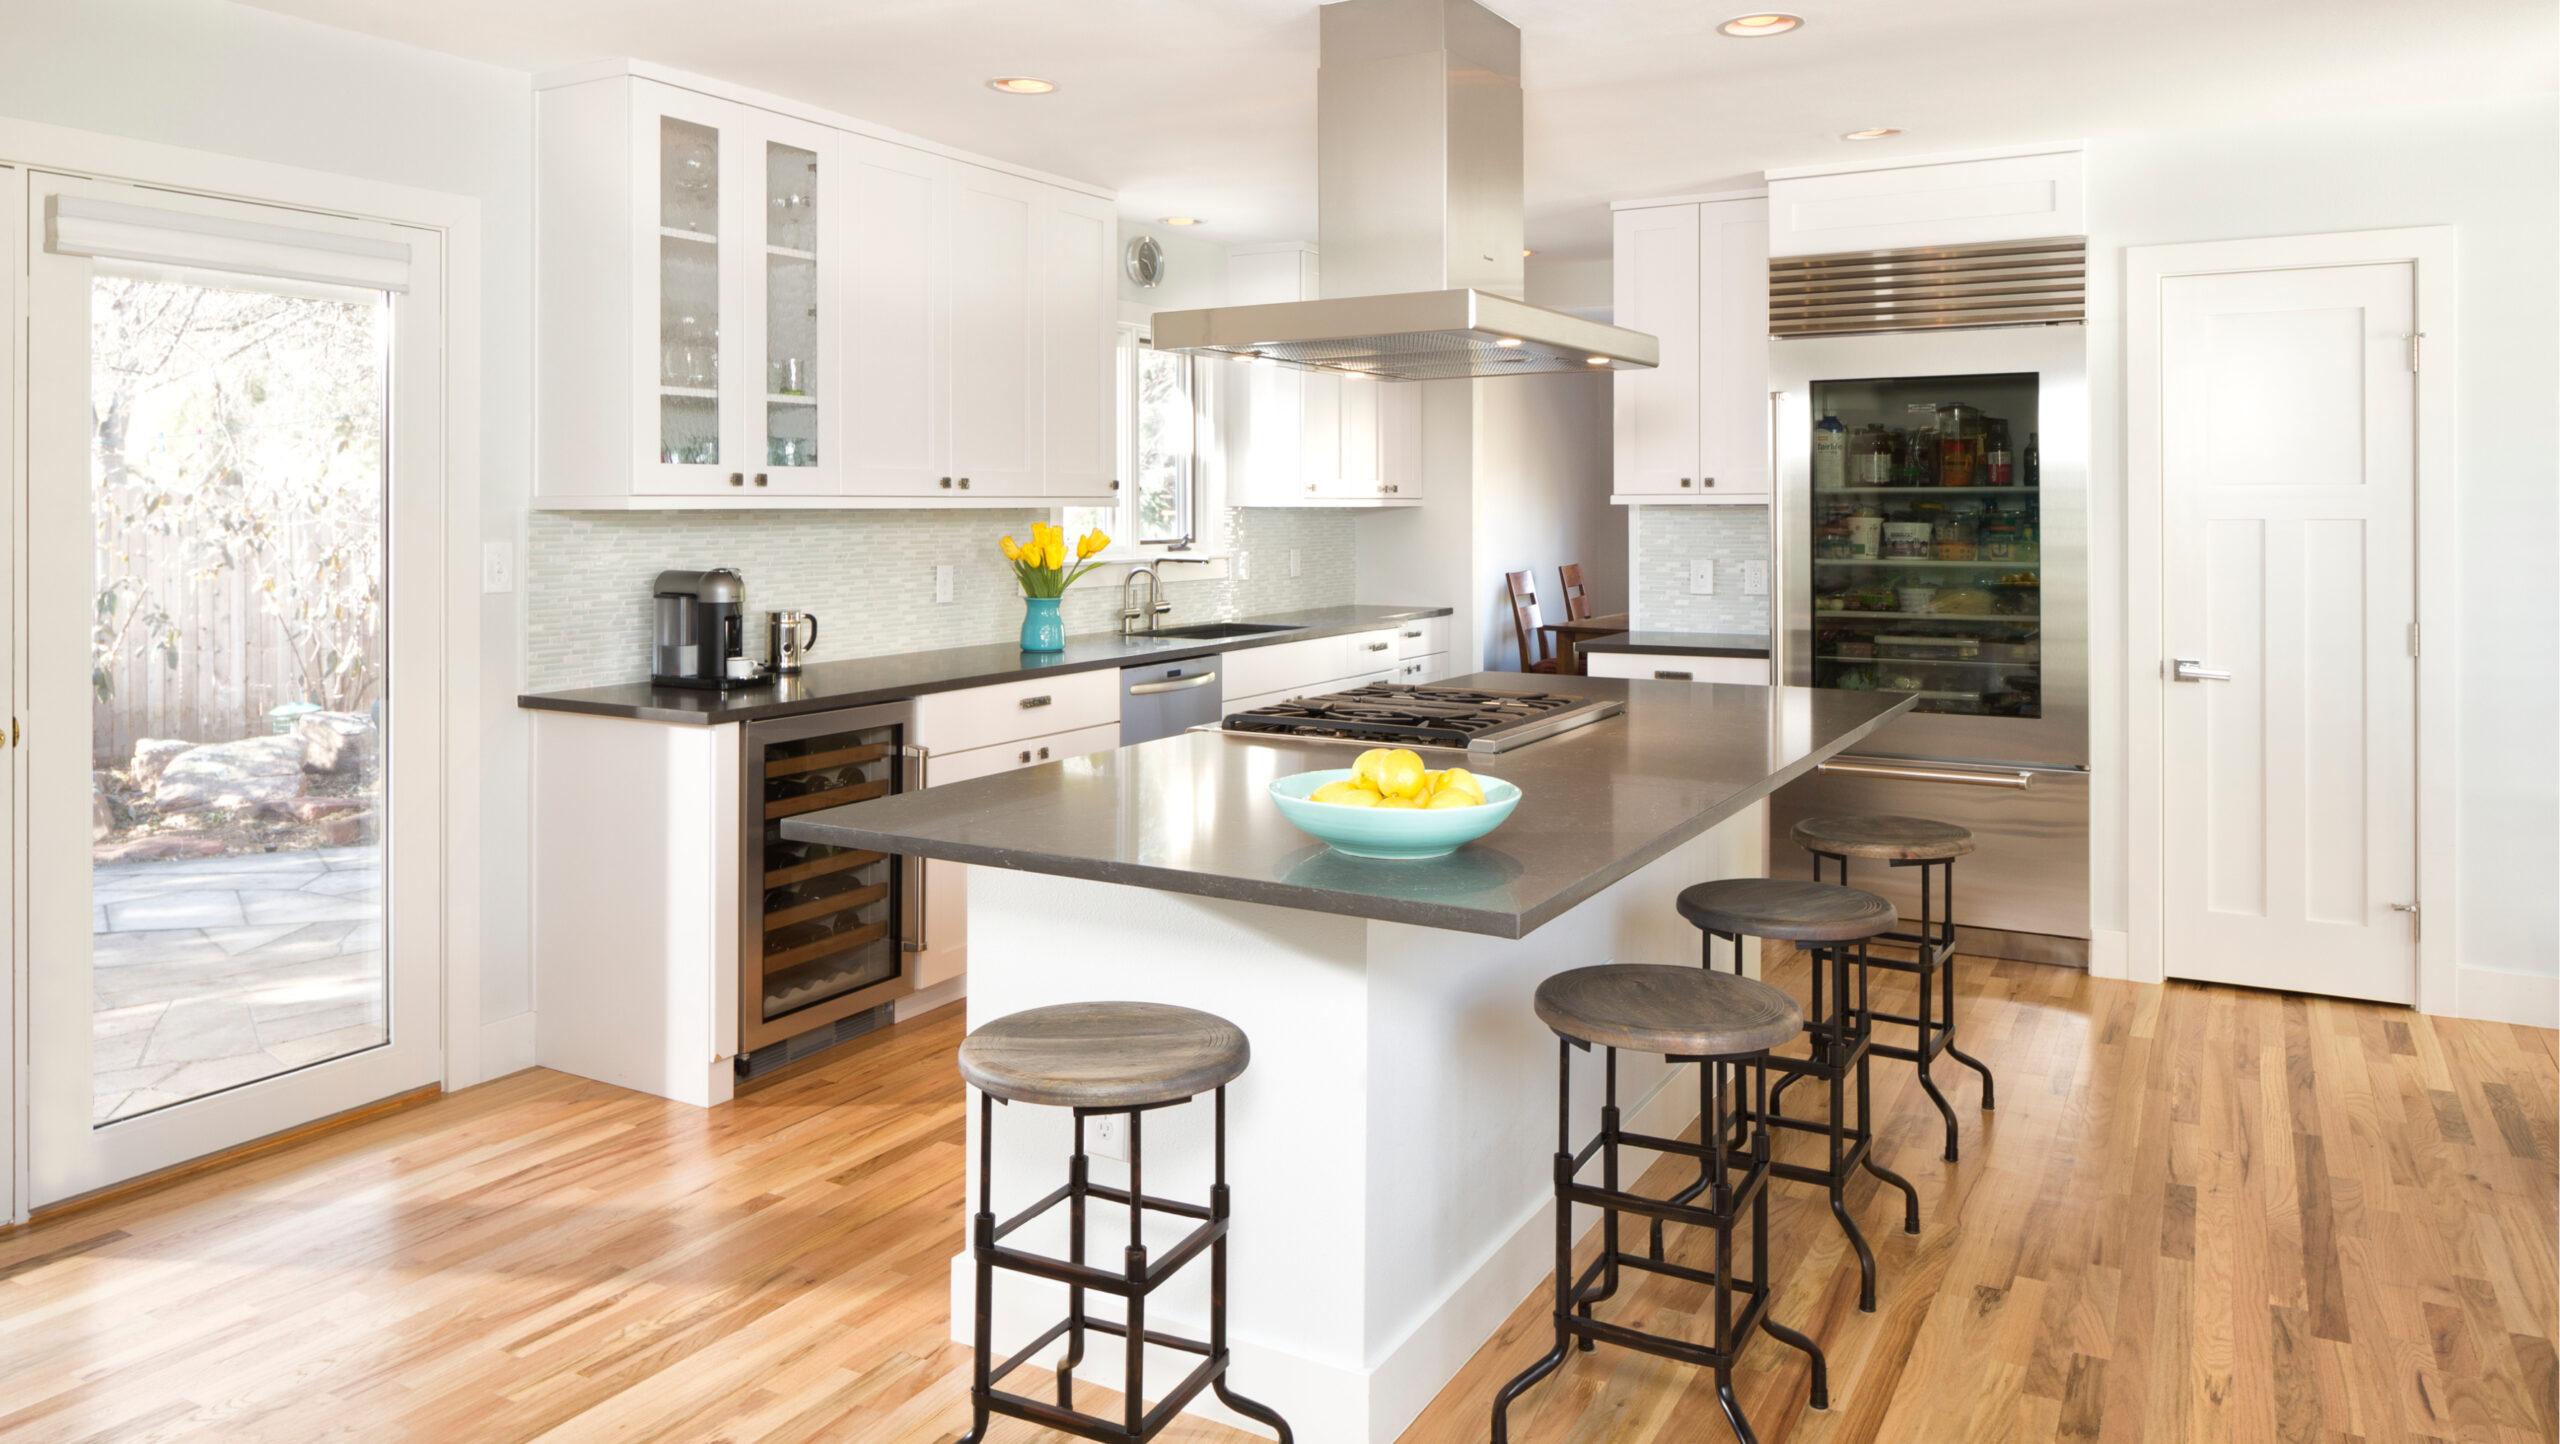 Melton Design Build Boulder Colorado Home Remodel Kitchen Remodel